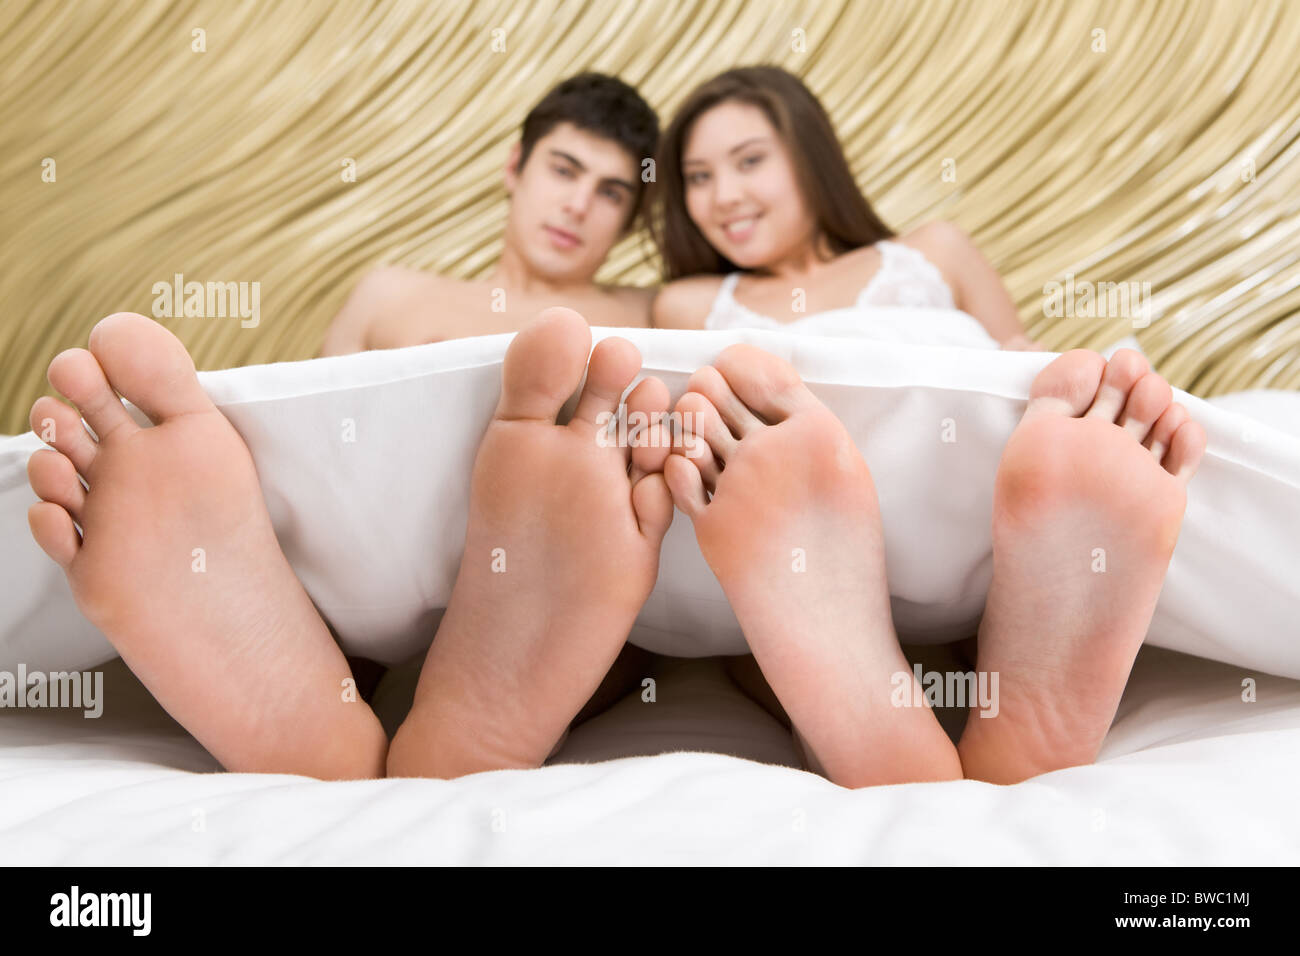 Image de deux paires de pieds nus sur fond de happy couple lying under blanket Photo Stock